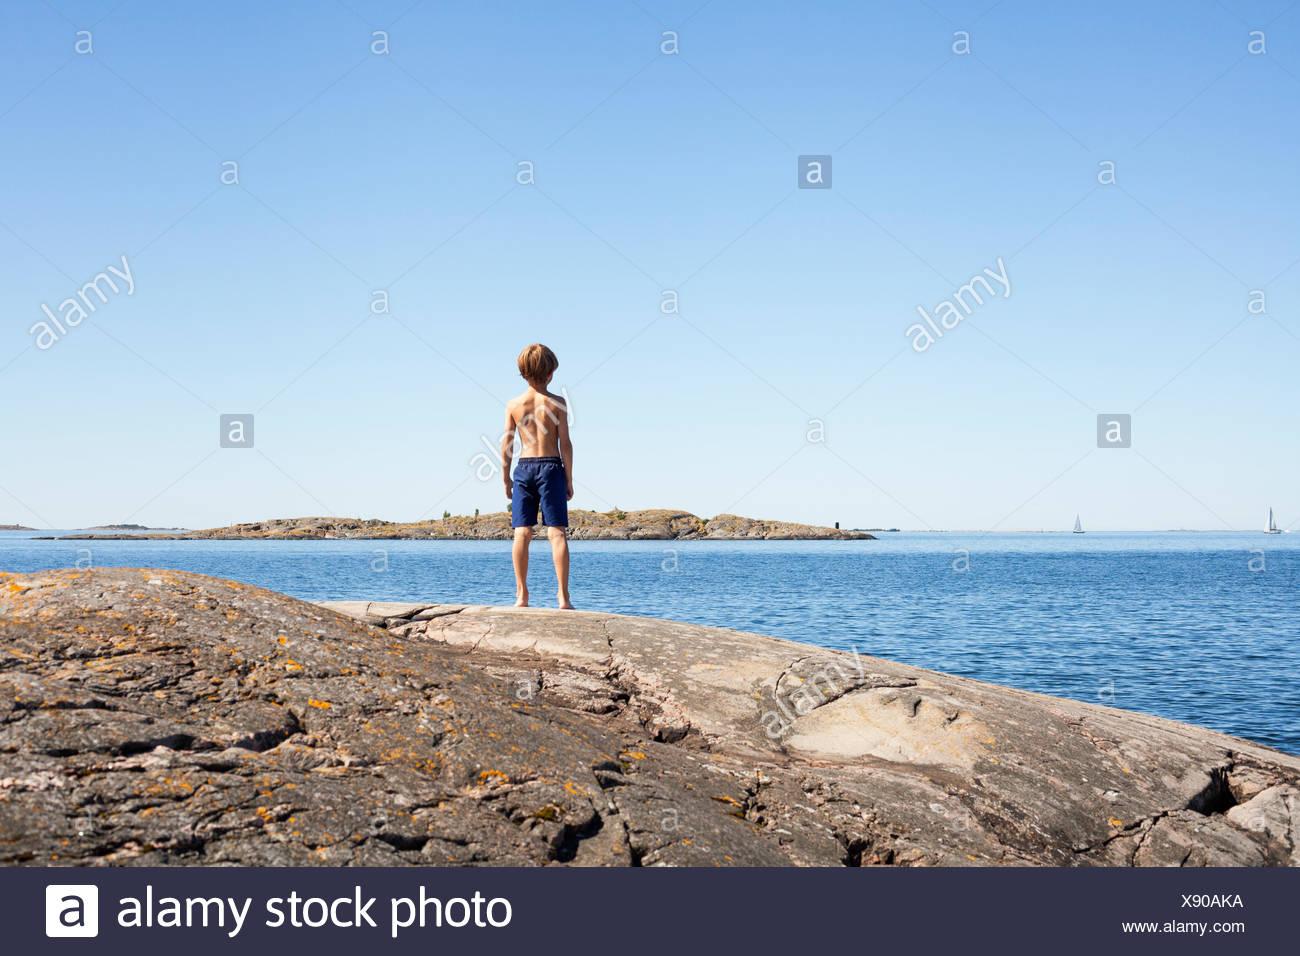 La Svezia, Uppland, Runmaro, Barrskar, vista posteriore del ragazzo (6-7) guardando il mare Immagini Stock